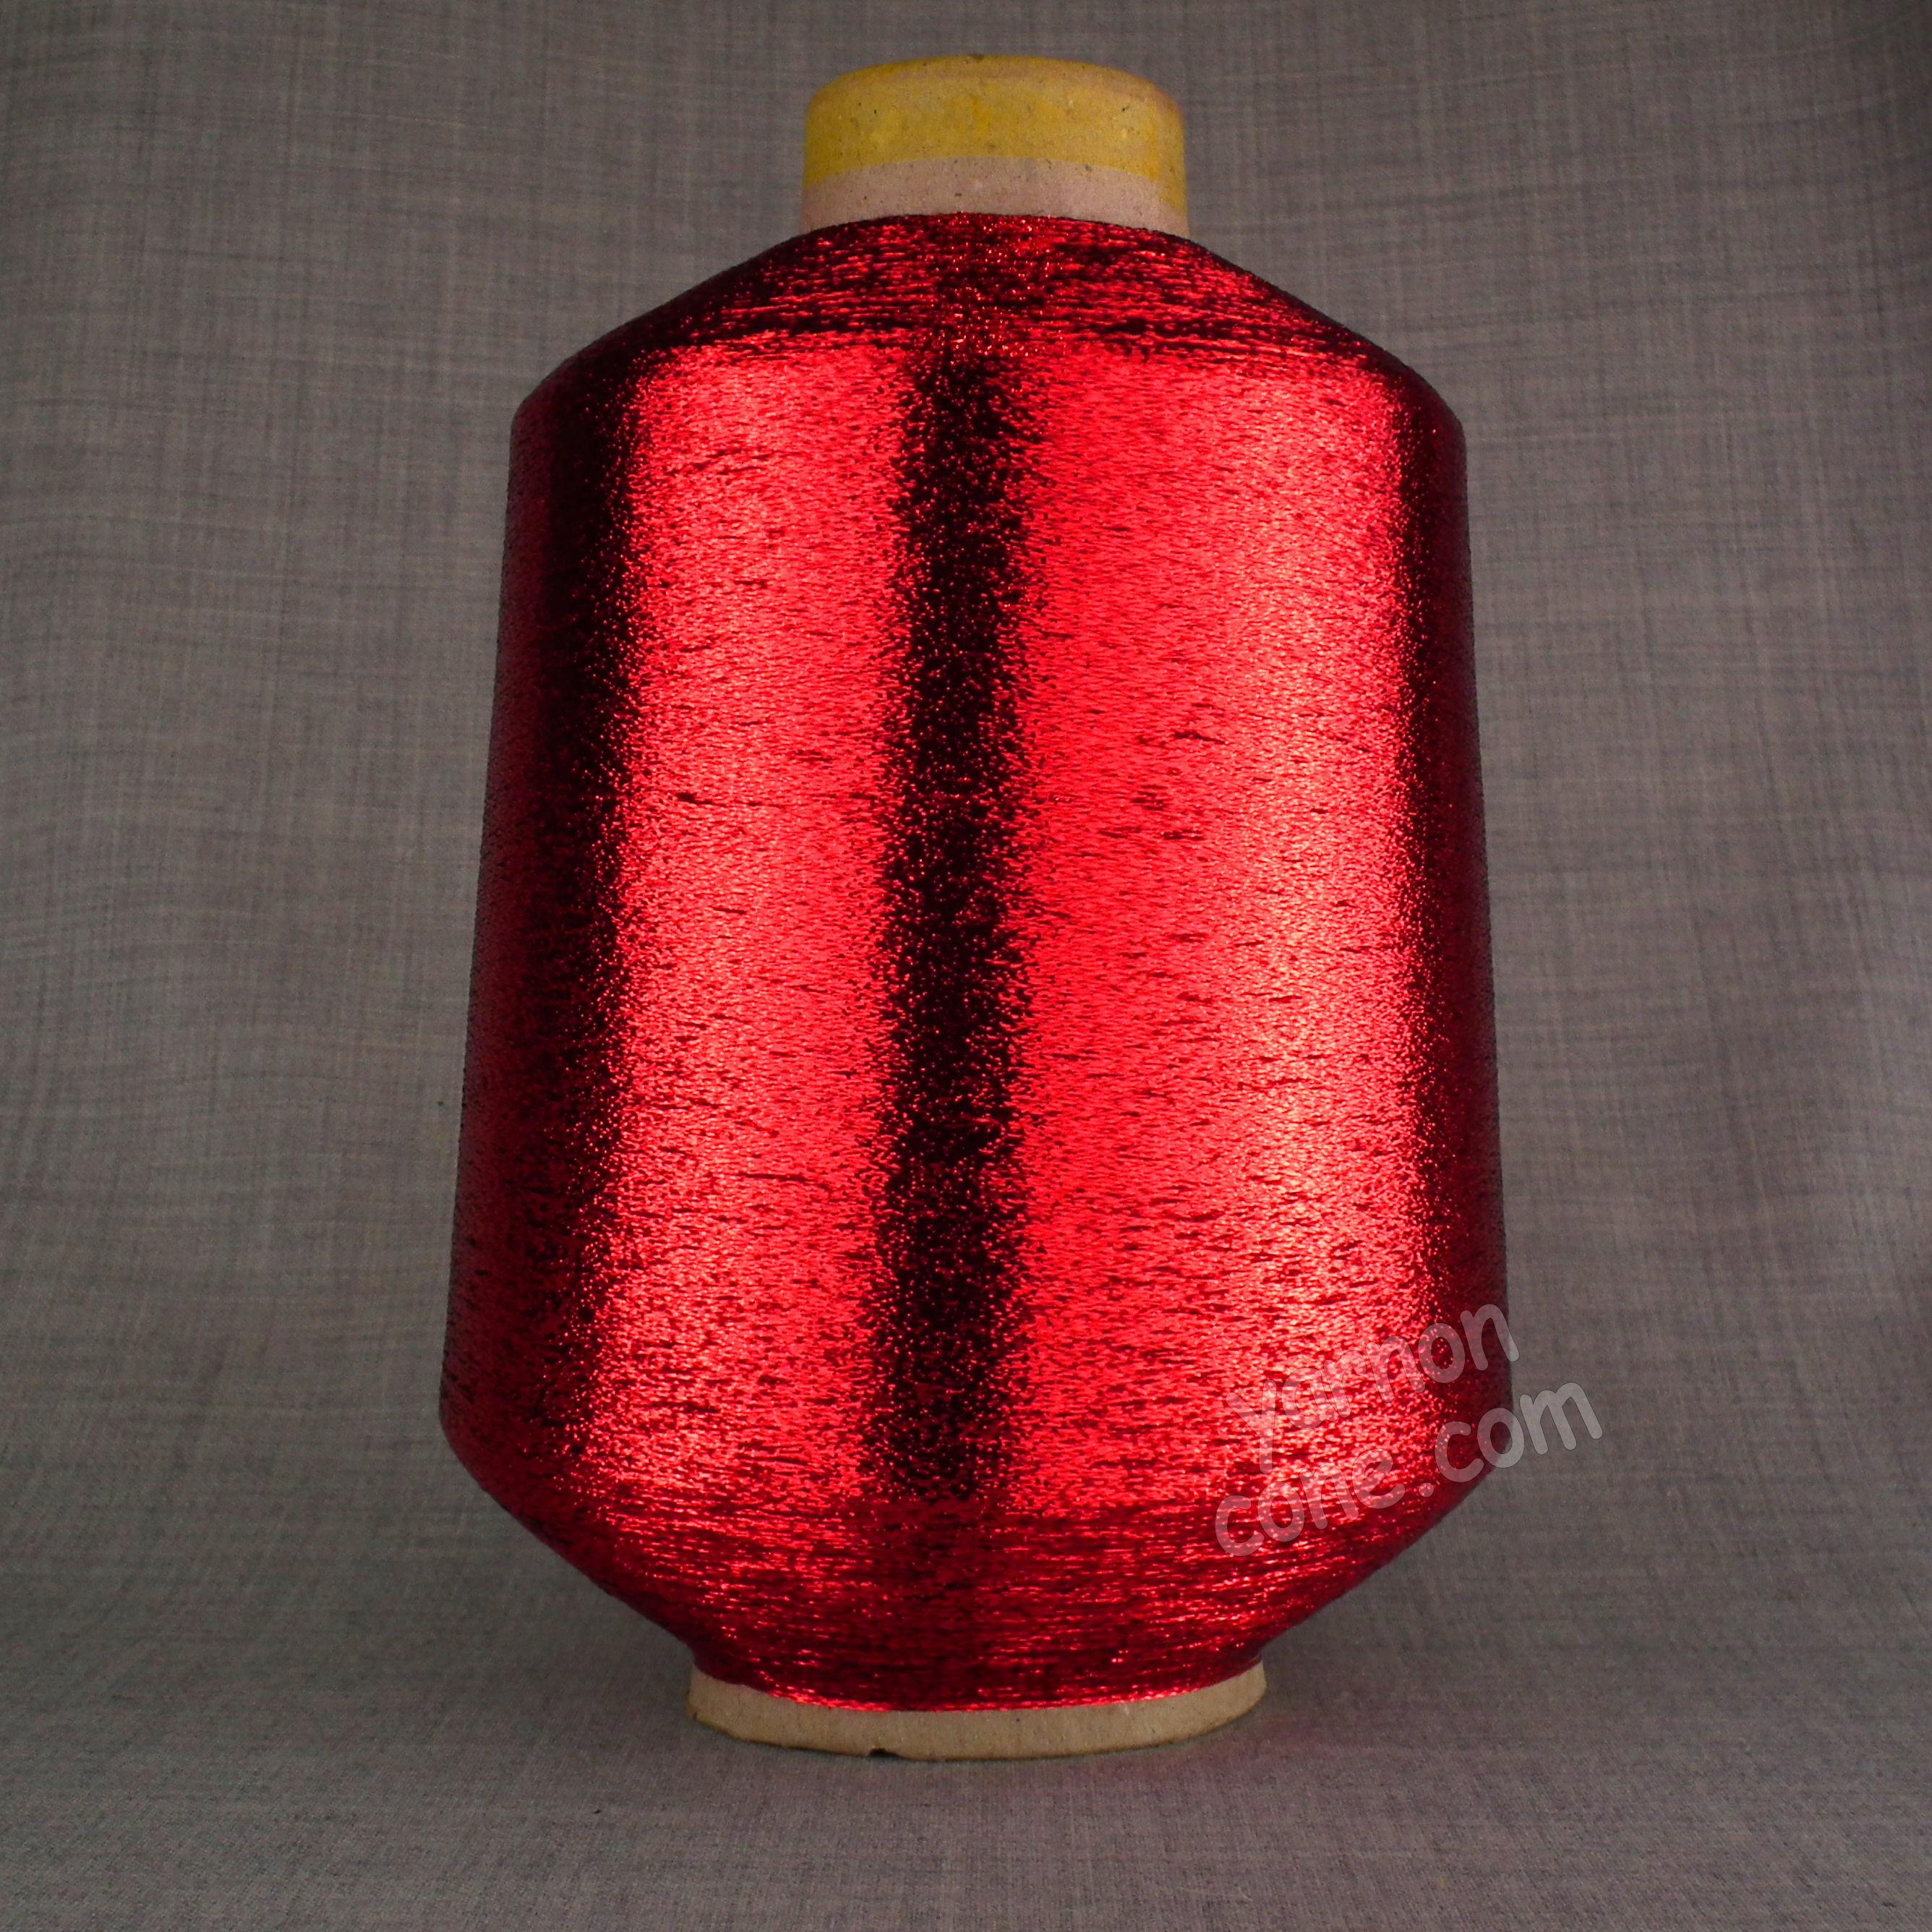 fine lurex metallic knitting machine coned yarn glitter sparkle shimmer red